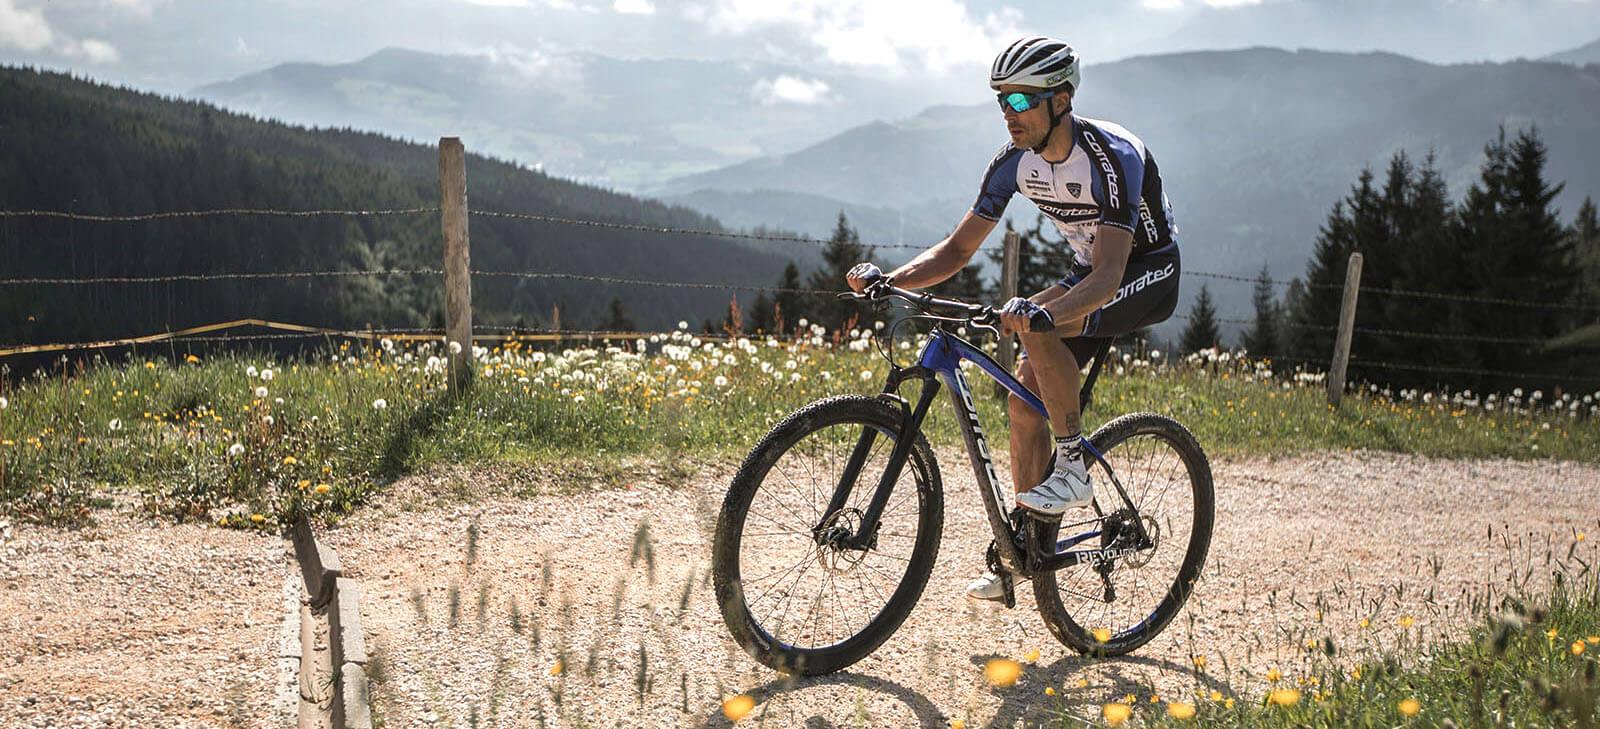 Corratec mountain bikes